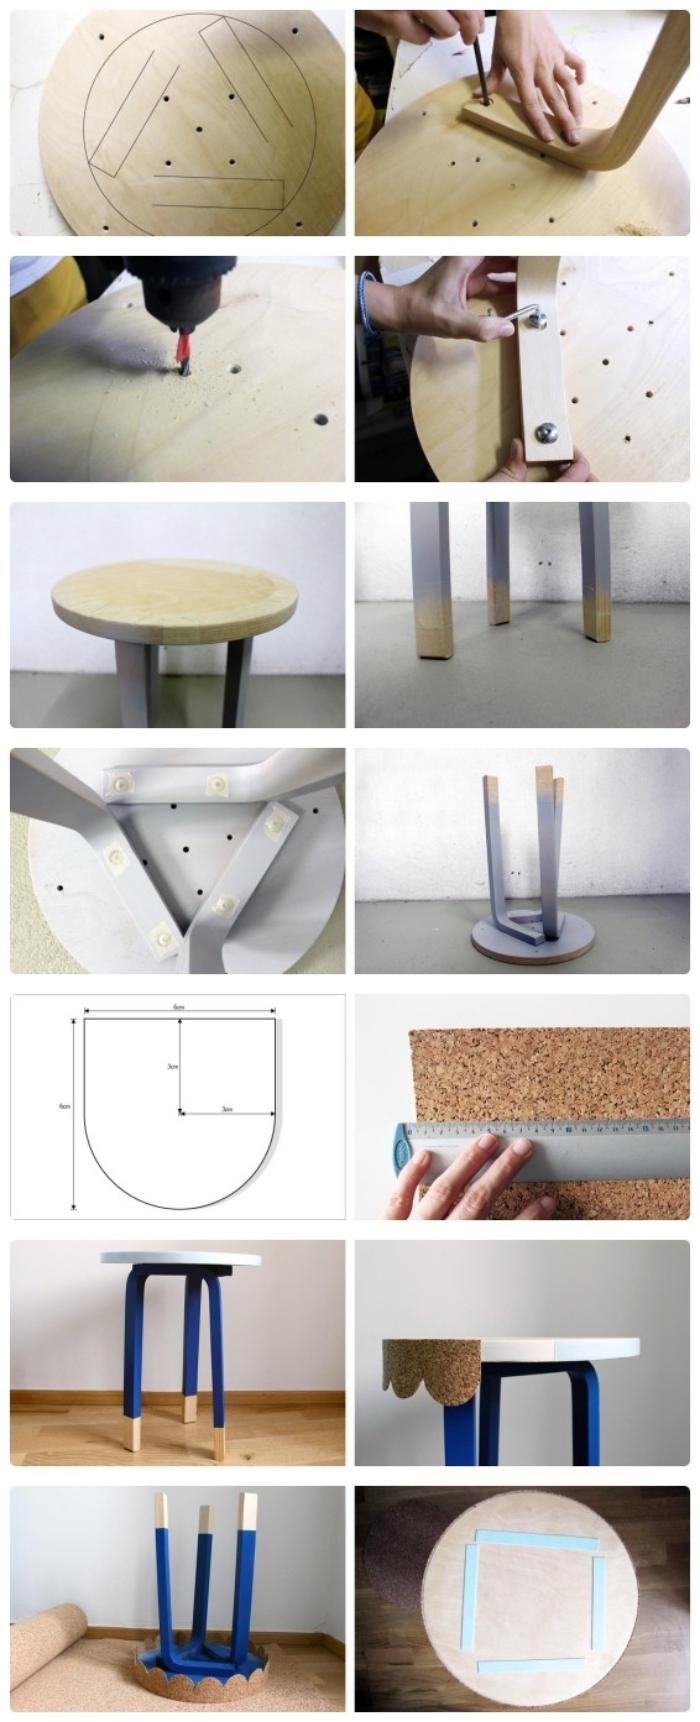 ikea bidouille pour réaliser une petite table d'appointe à partir d'un tabouret frosta, tuto pas à pas pour construire une petite table ronde